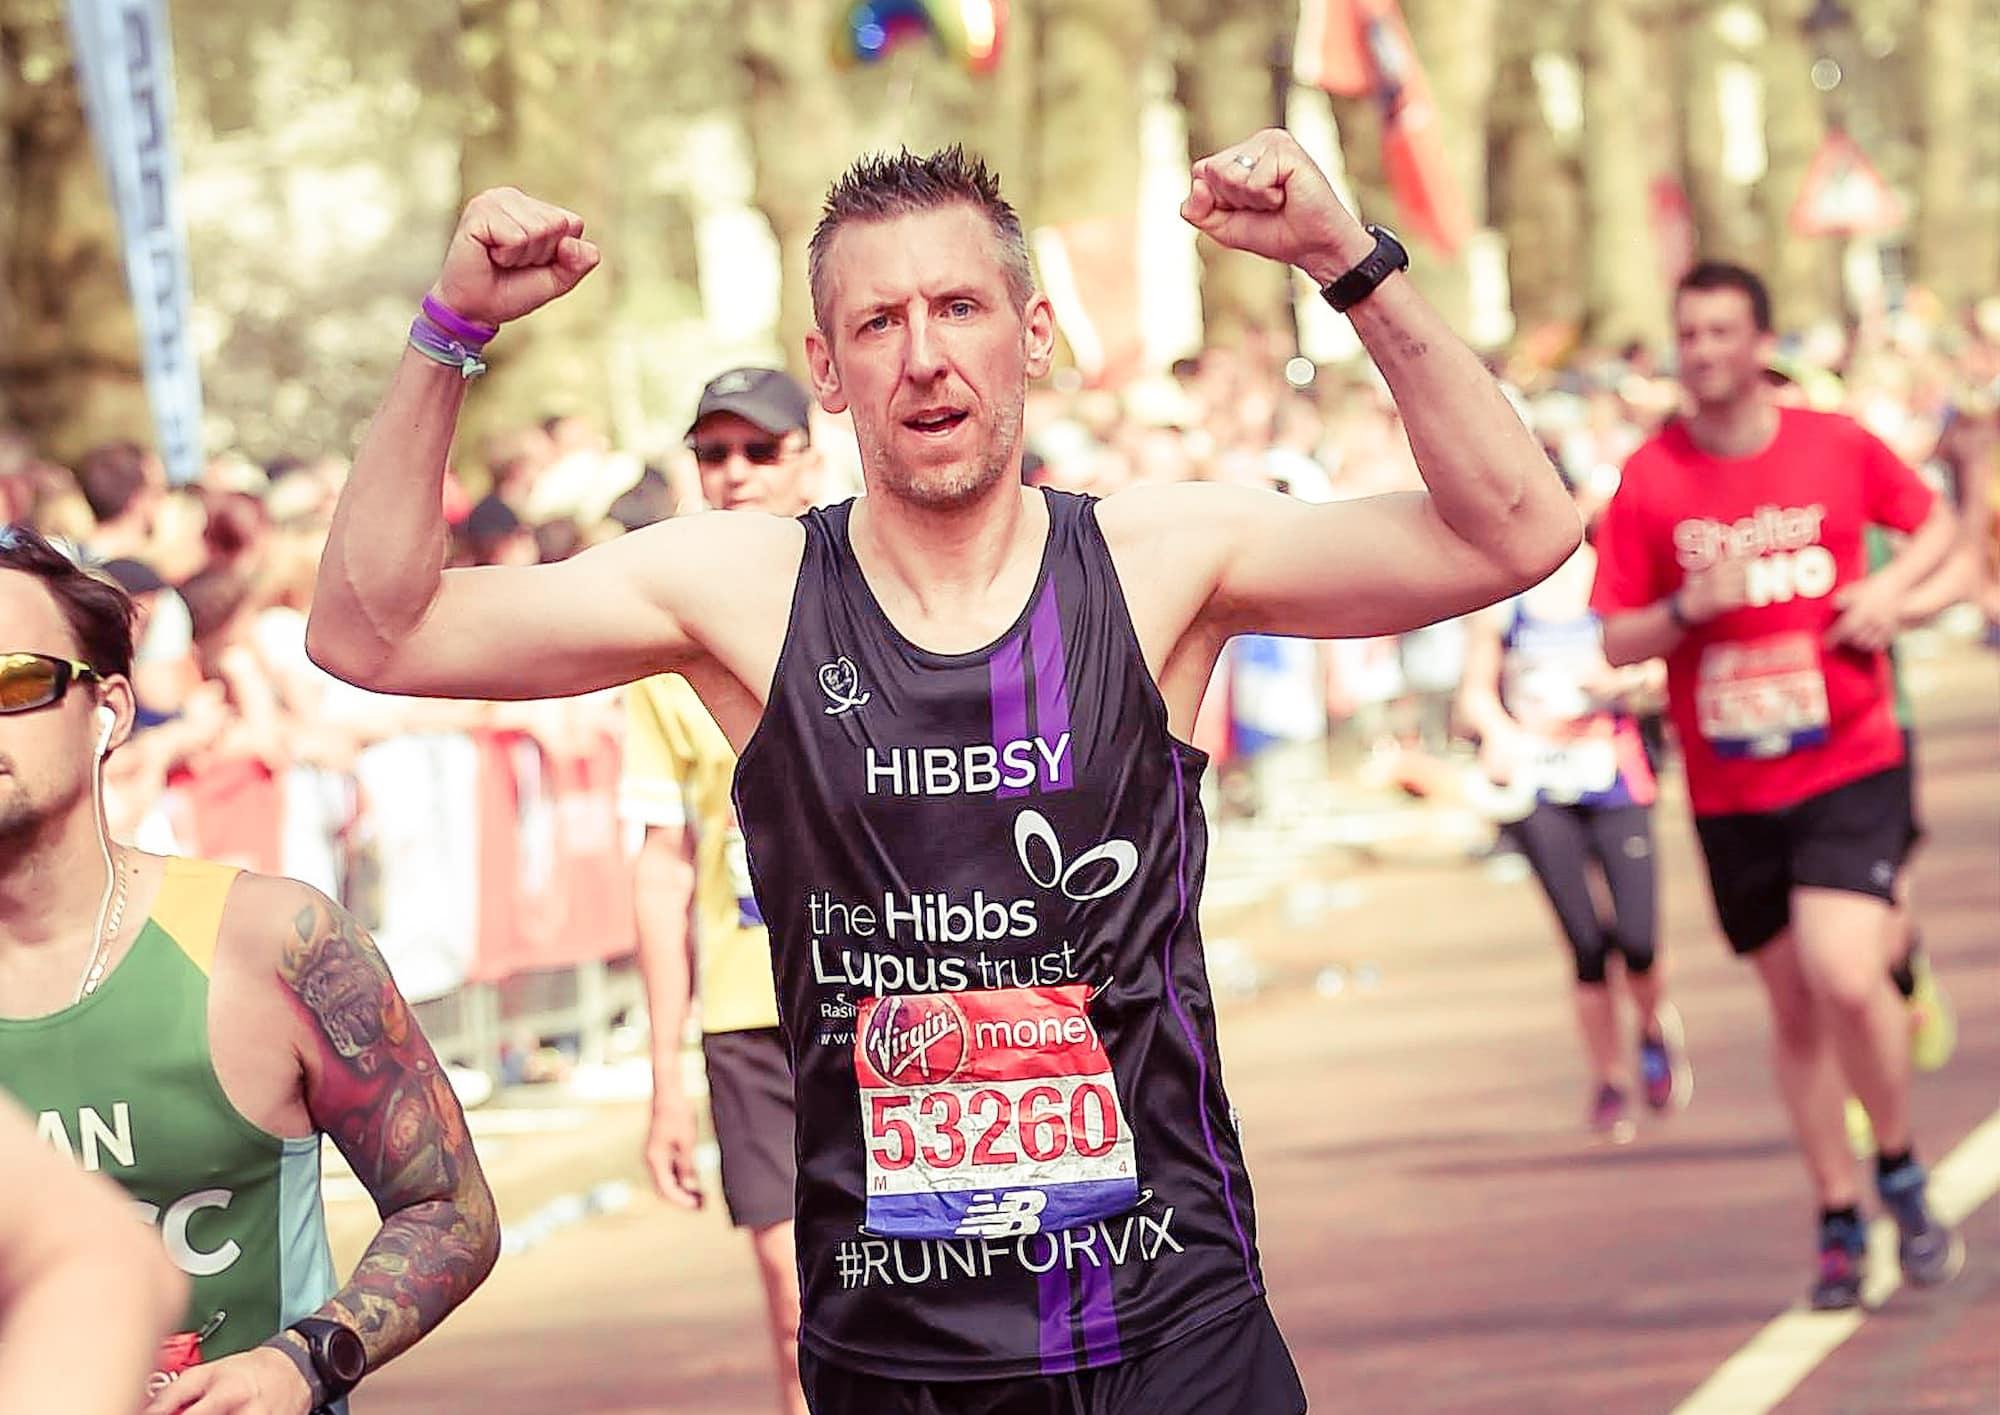 London Marathon Ballot 2021 - The Hibbs Lupus Trust